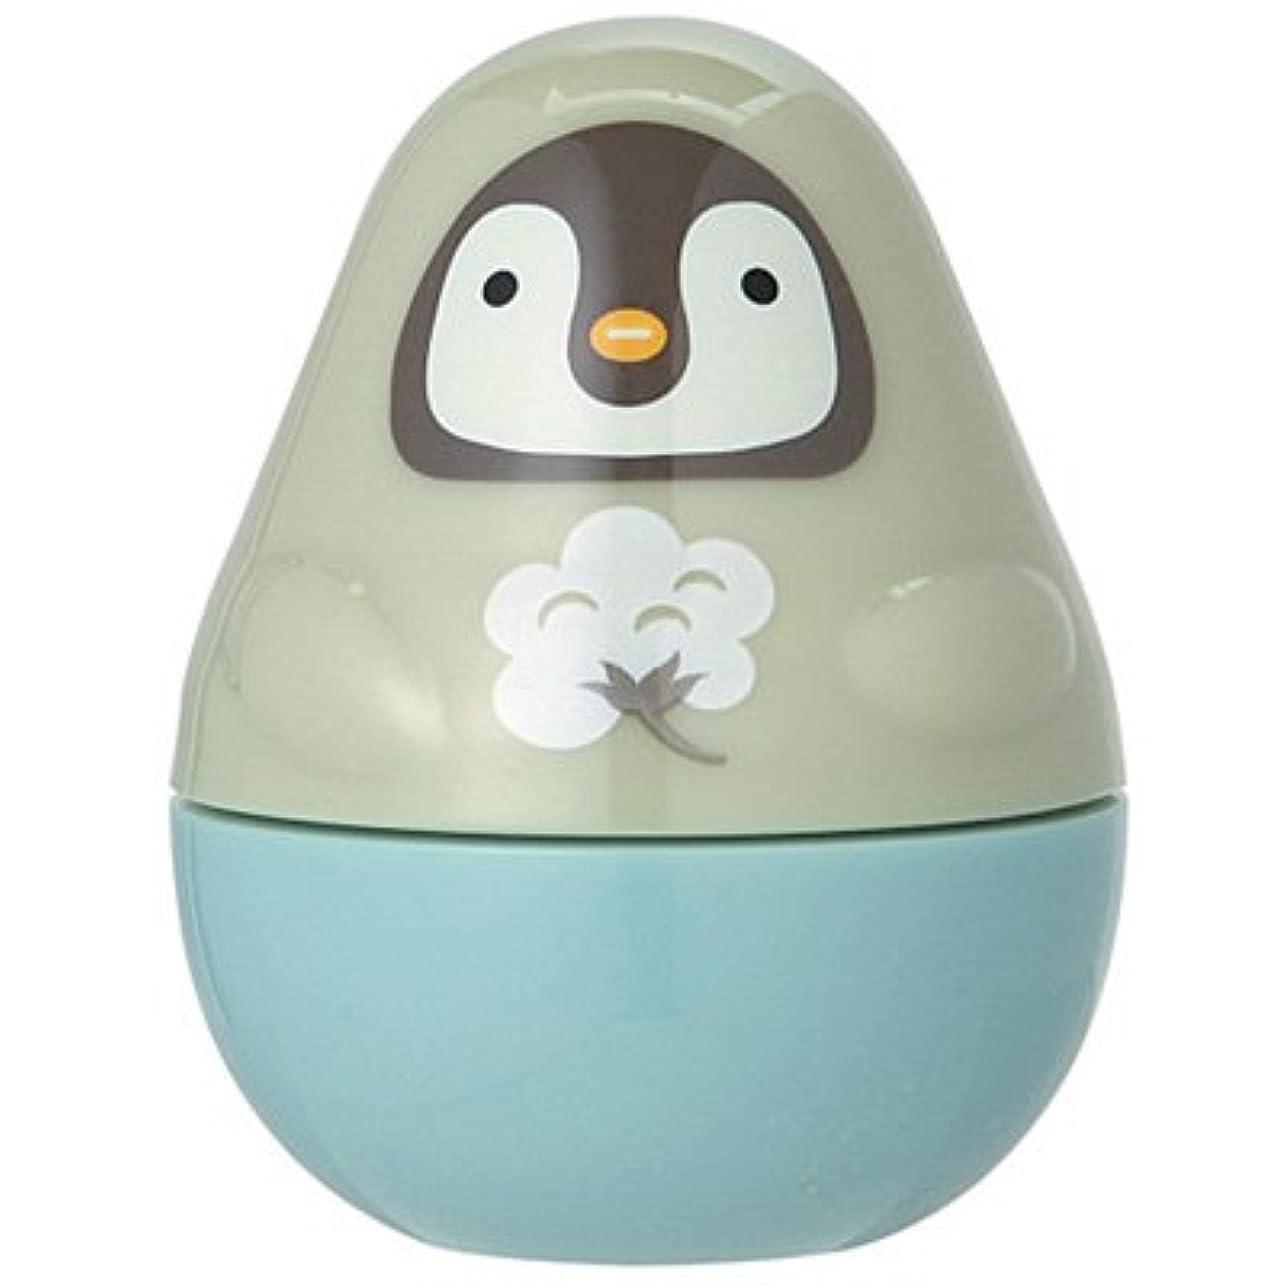 ウィンクテクトニックコストETUDE HOUSE エチュード ハウス ミッシング ユー ハンド クリーム 30ml #フェアリーペンギン (ベビー パウダー) [並行輸入品]